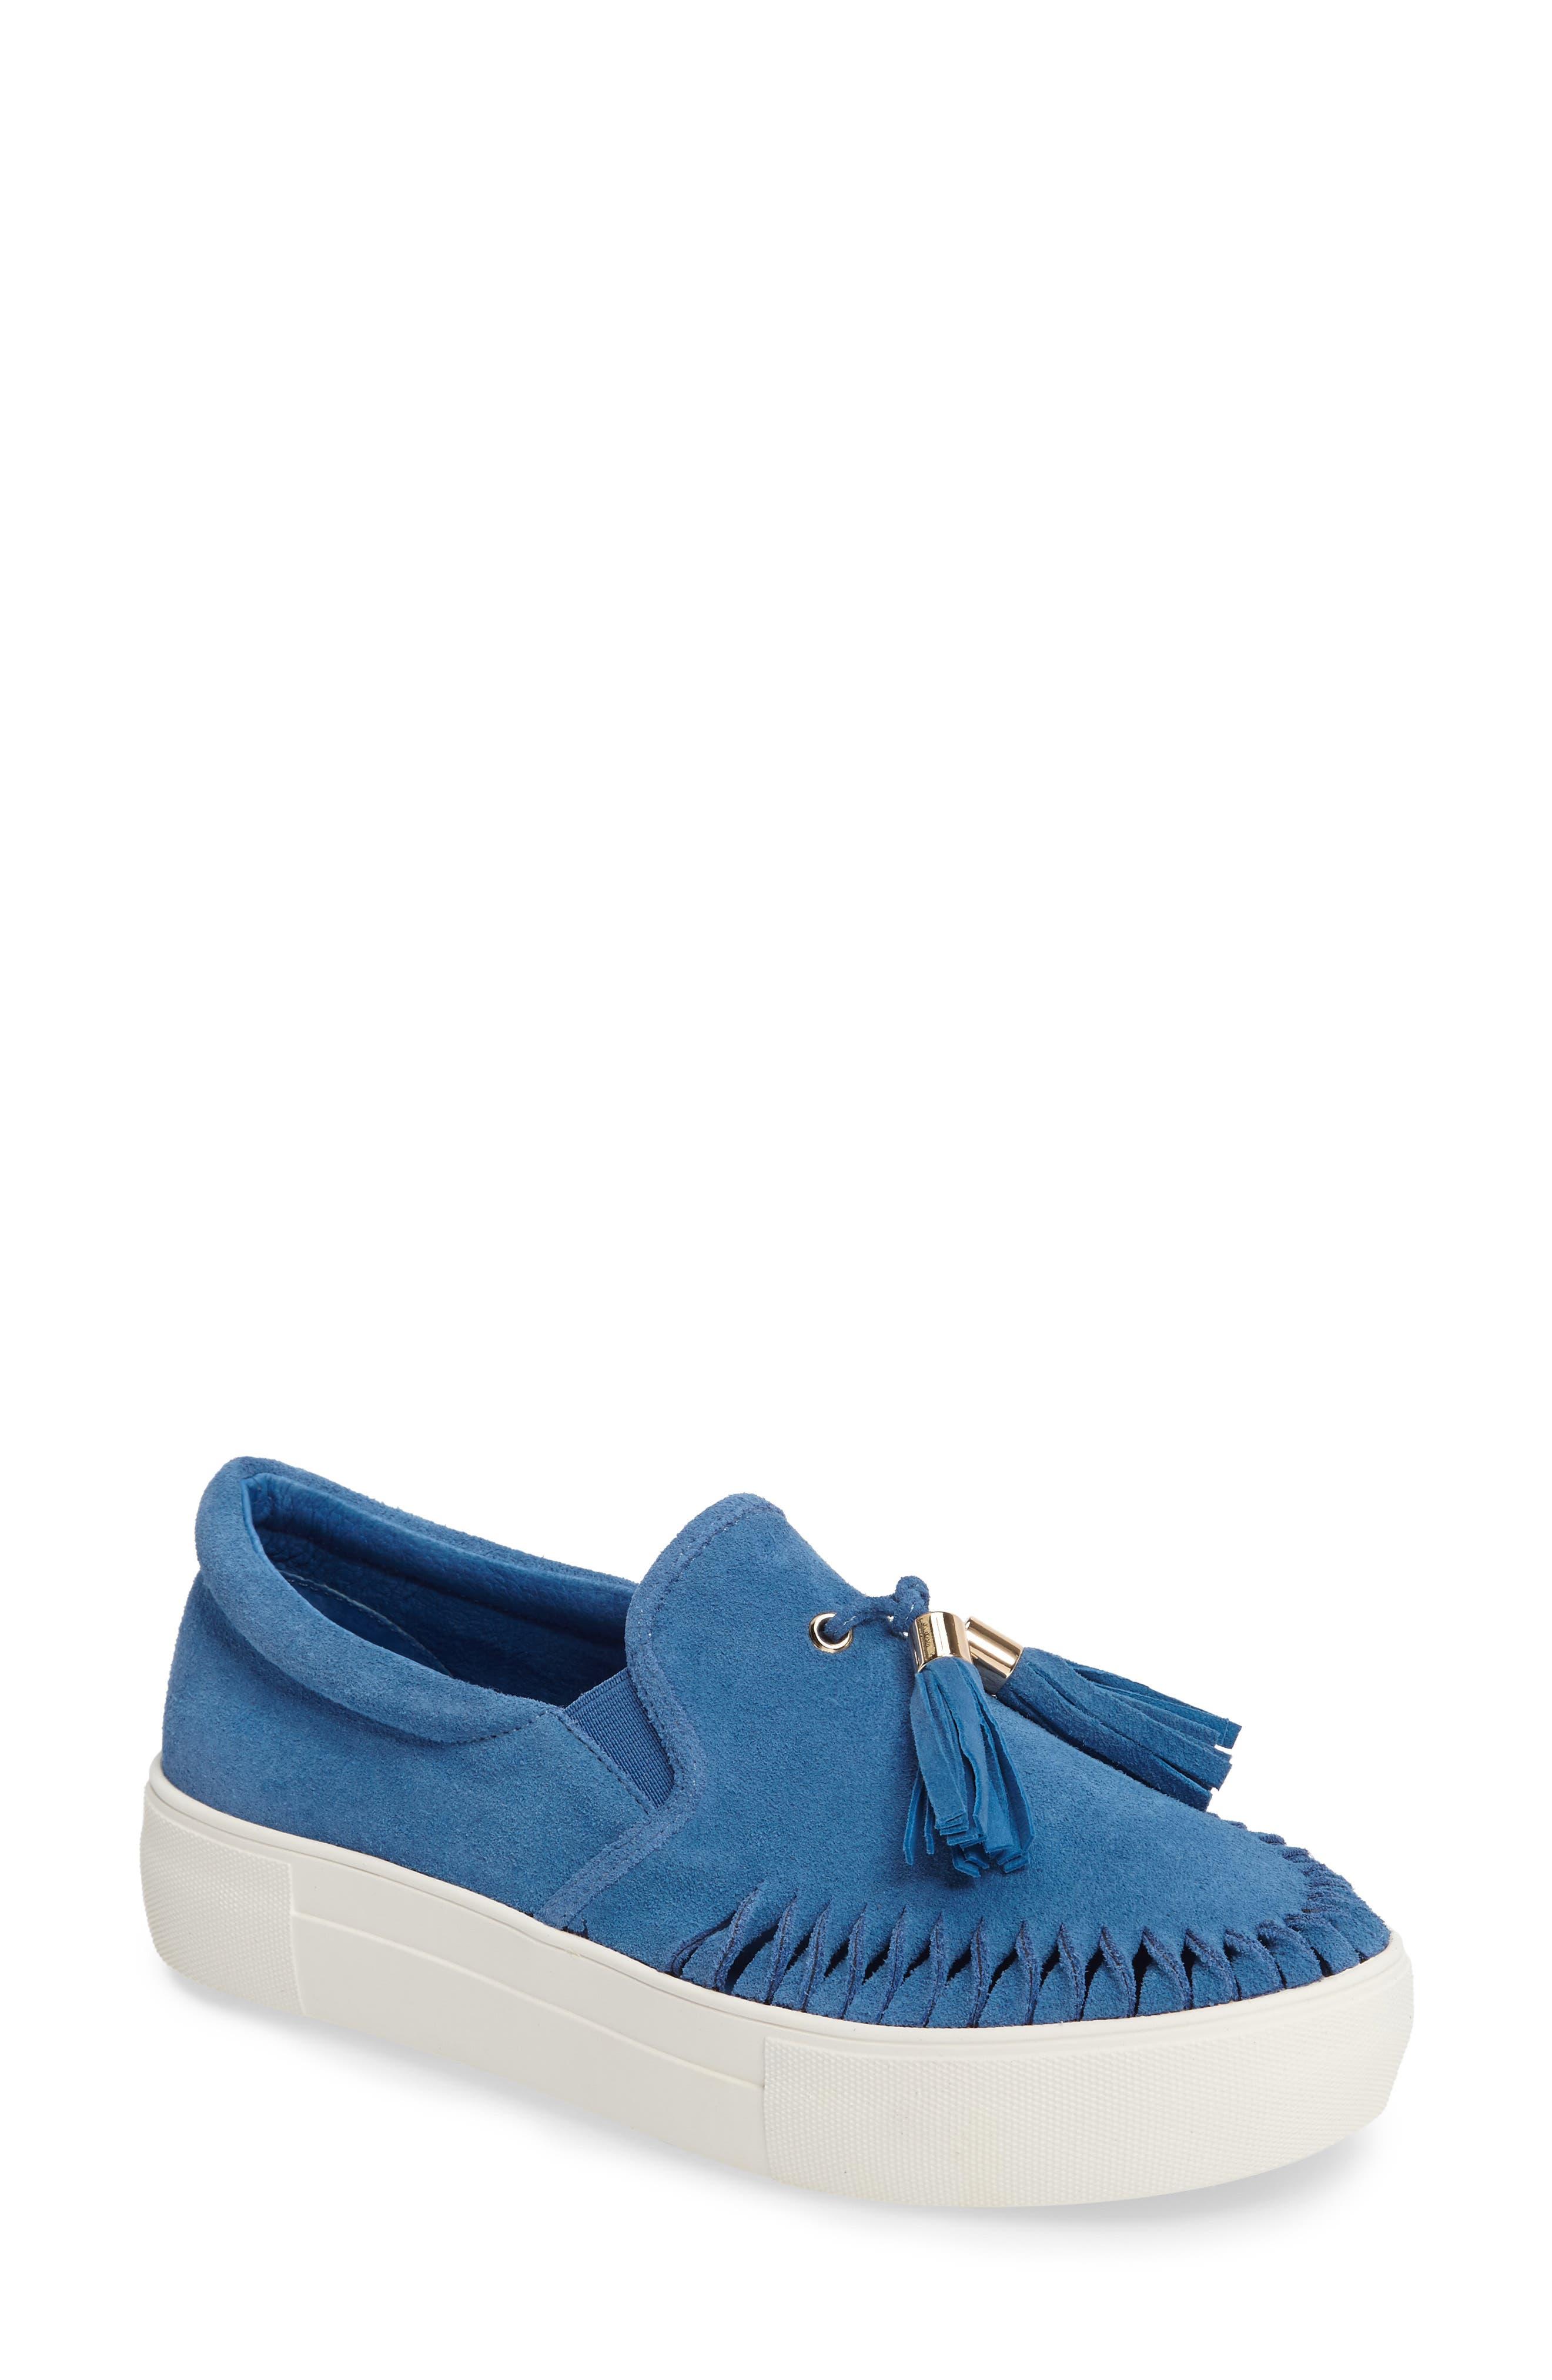 JSLIDES Tassel Slip-On Sneaker